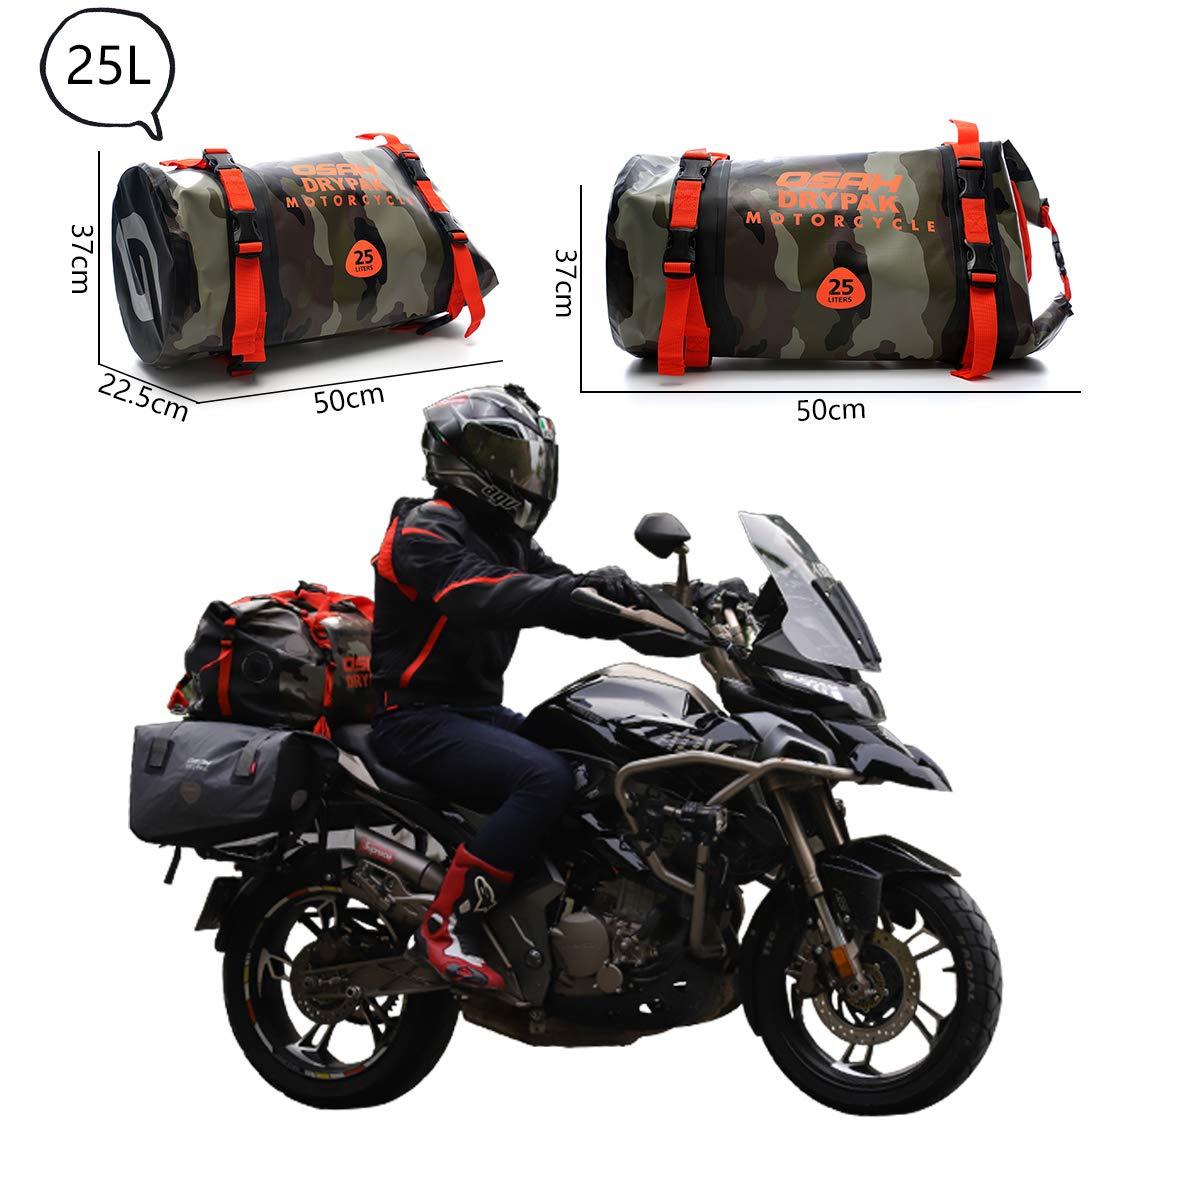 40L al Aire Libre Negro Bolsa Impermeable de Motocicleta Rafting Bolsa de Sill/ín Reflectante para Motociclismo Viajes,Pesca Ciclismo Camping Mochila Duffel con Roll-Top de 1000D PVC